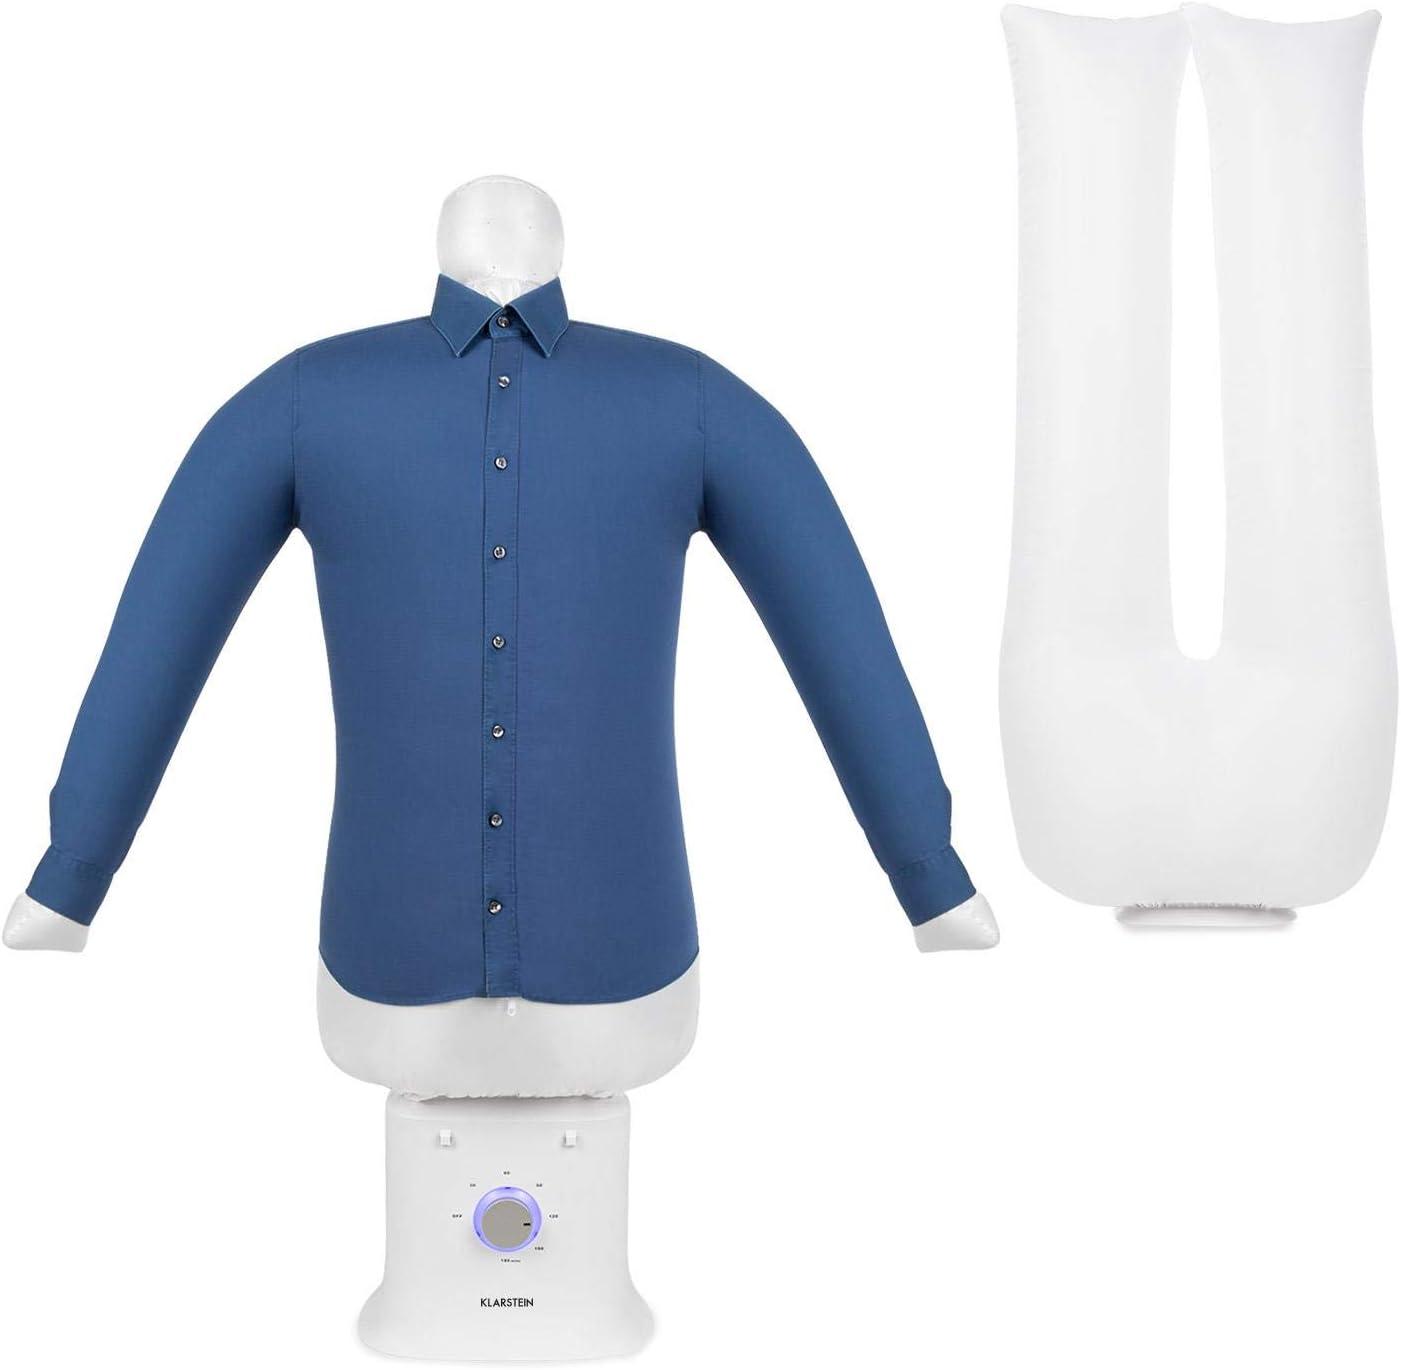 KLARSTEIN ShirtButler Deluxe Secadora y planchadora automática - 2 en 1: Secadora y planchadora, Calentador de Seguridad de 1250 W, tecnología HotAir Tension, Temporizador. Nylon Oxford, Blanco Seda